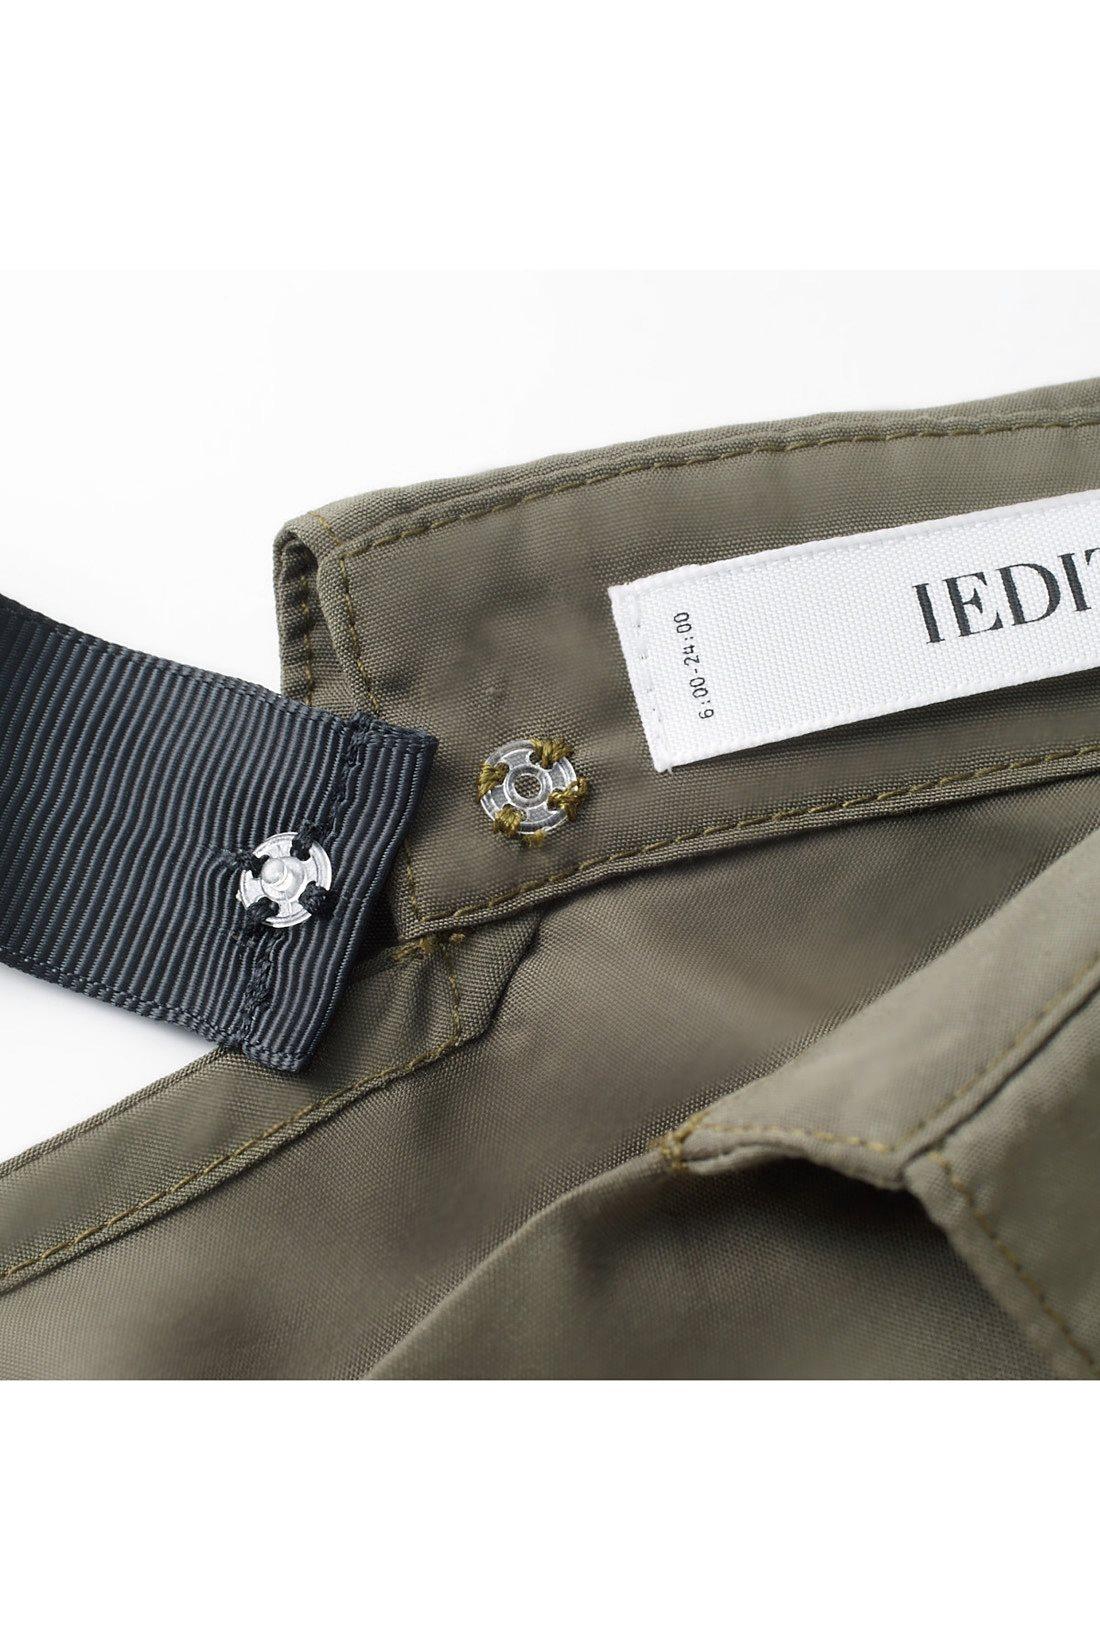 リボンはプラスチック製のスナップボタンを使用。簡単に取り外せるからお手入れもしやすい。※お届けするカラーとは異なります。